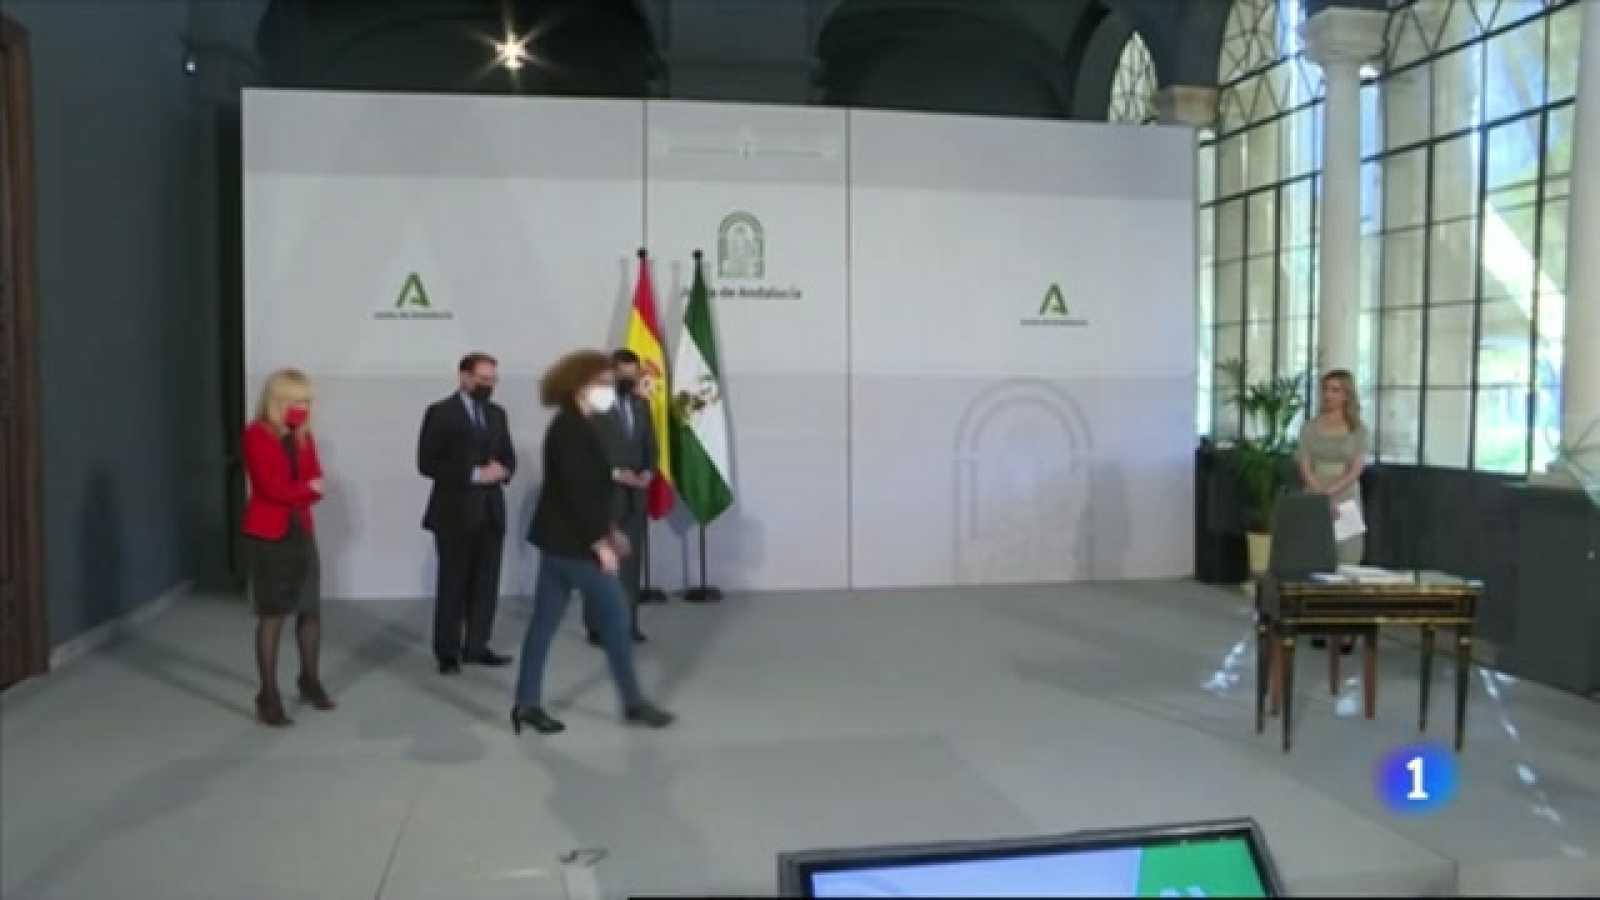 Noticias Andalucía - 730 millones de euros para los sectores más afectados - Ver ahora